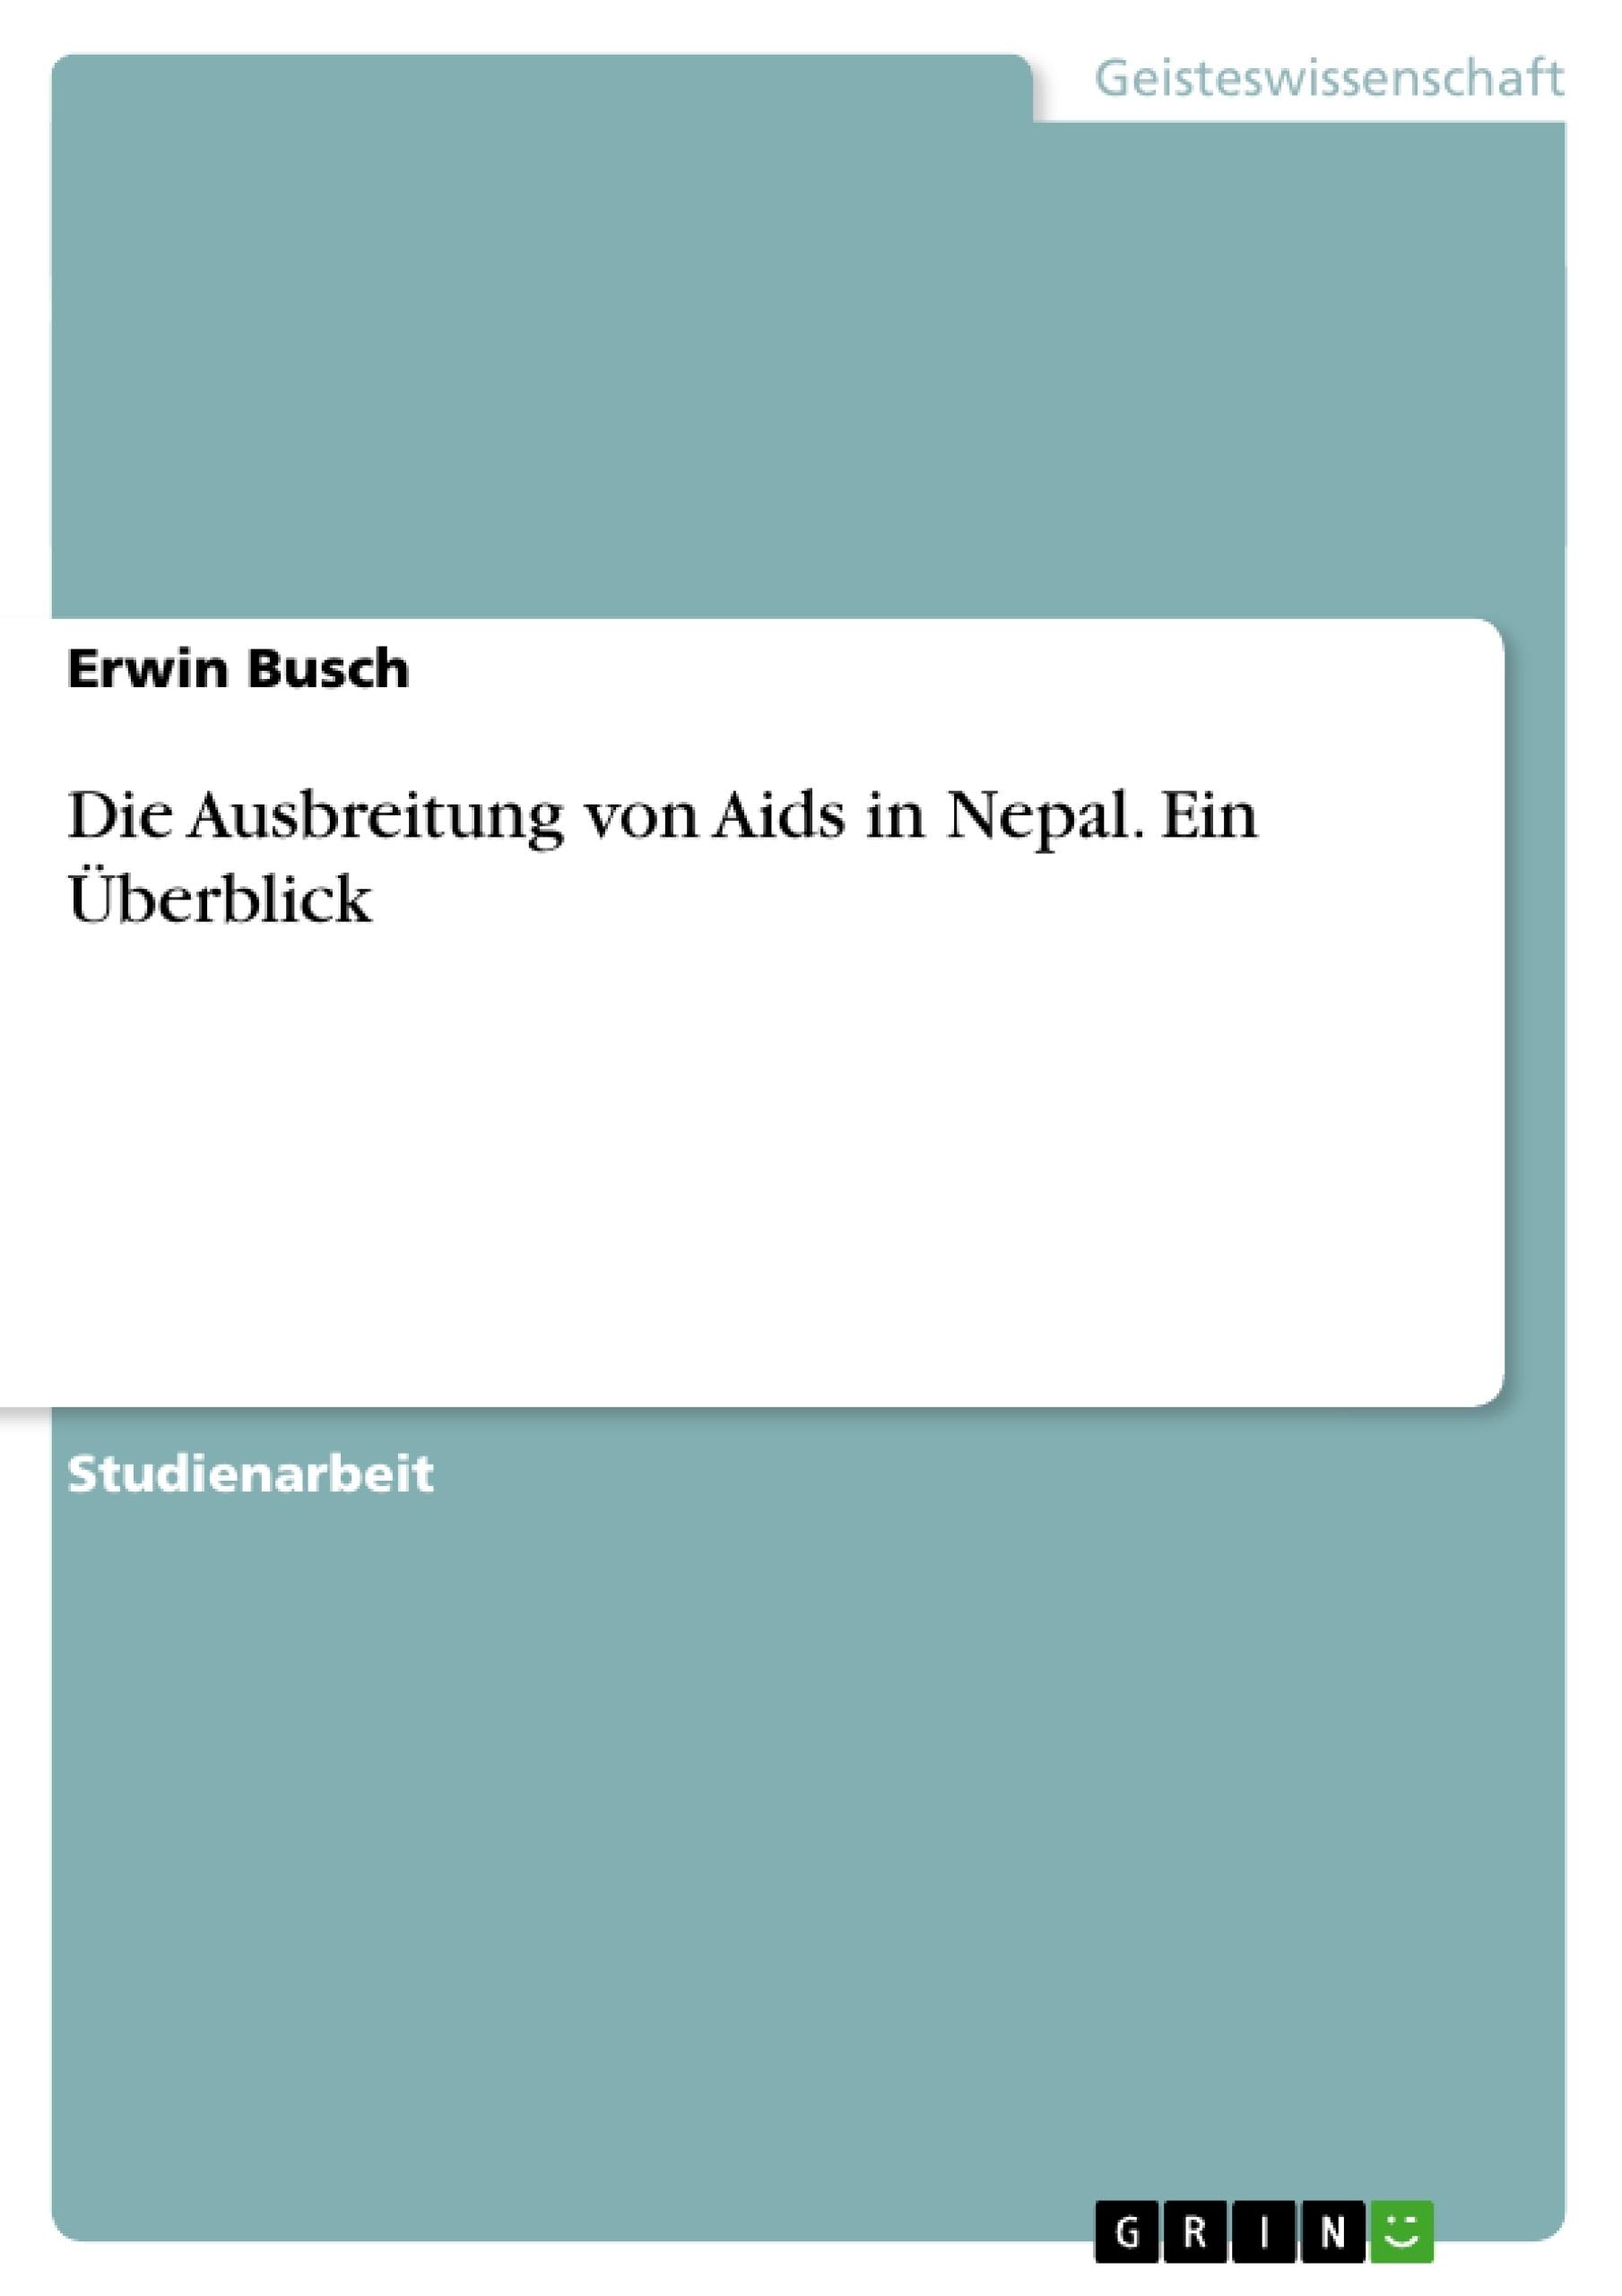 Titel: Die Ausbreitung von Aids in Nepal. Ein Überblick